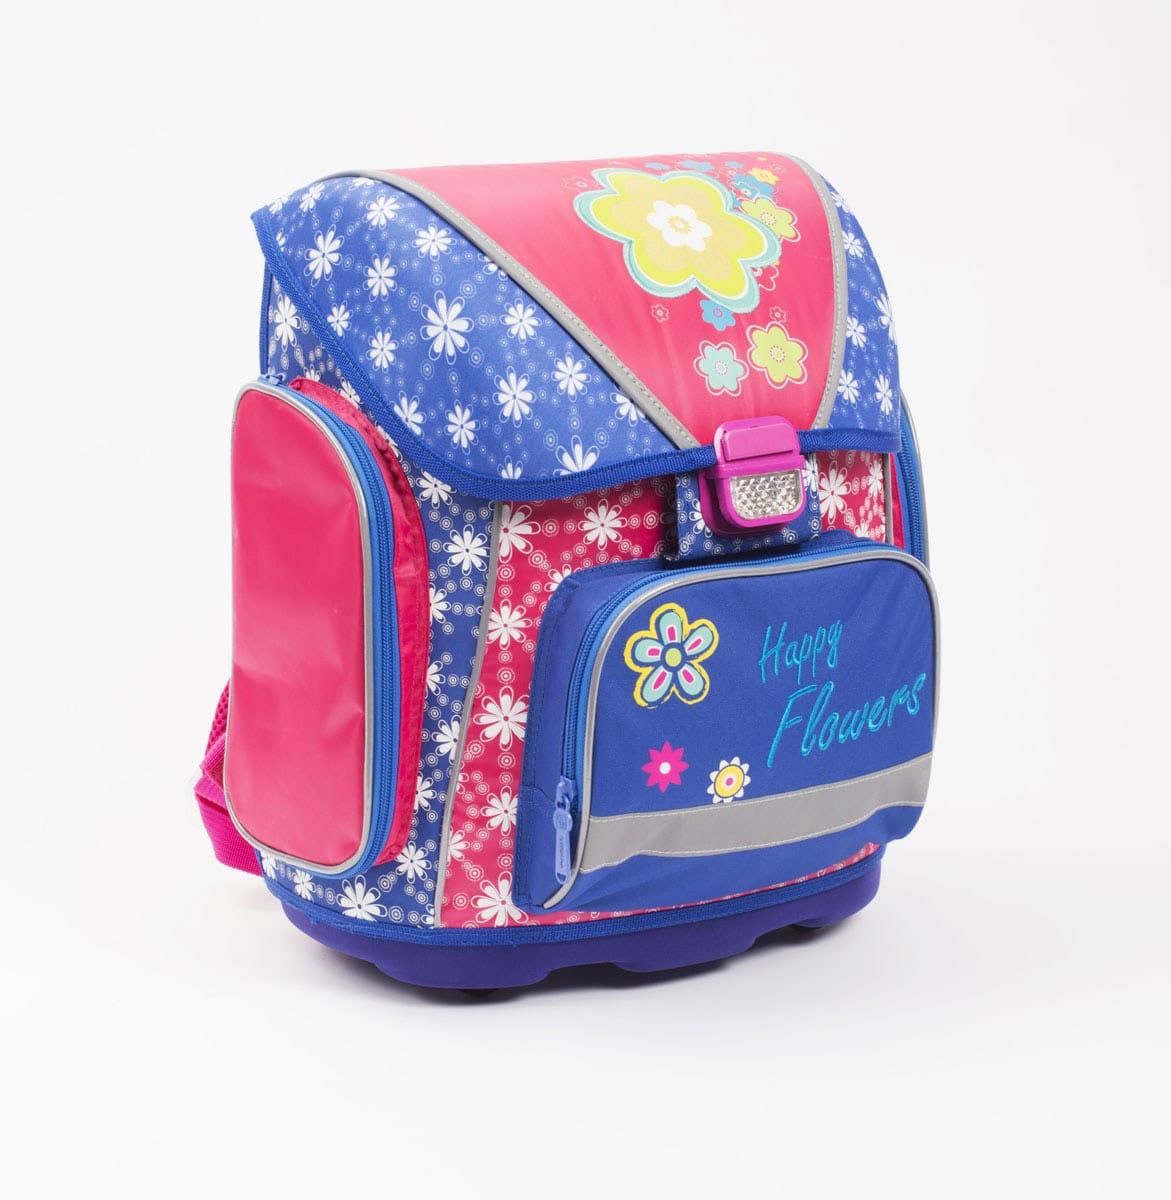 Anatomický batoh PREMIUM Premium květiny - Školní potřeby » BATOHY A ... 55aba424fc